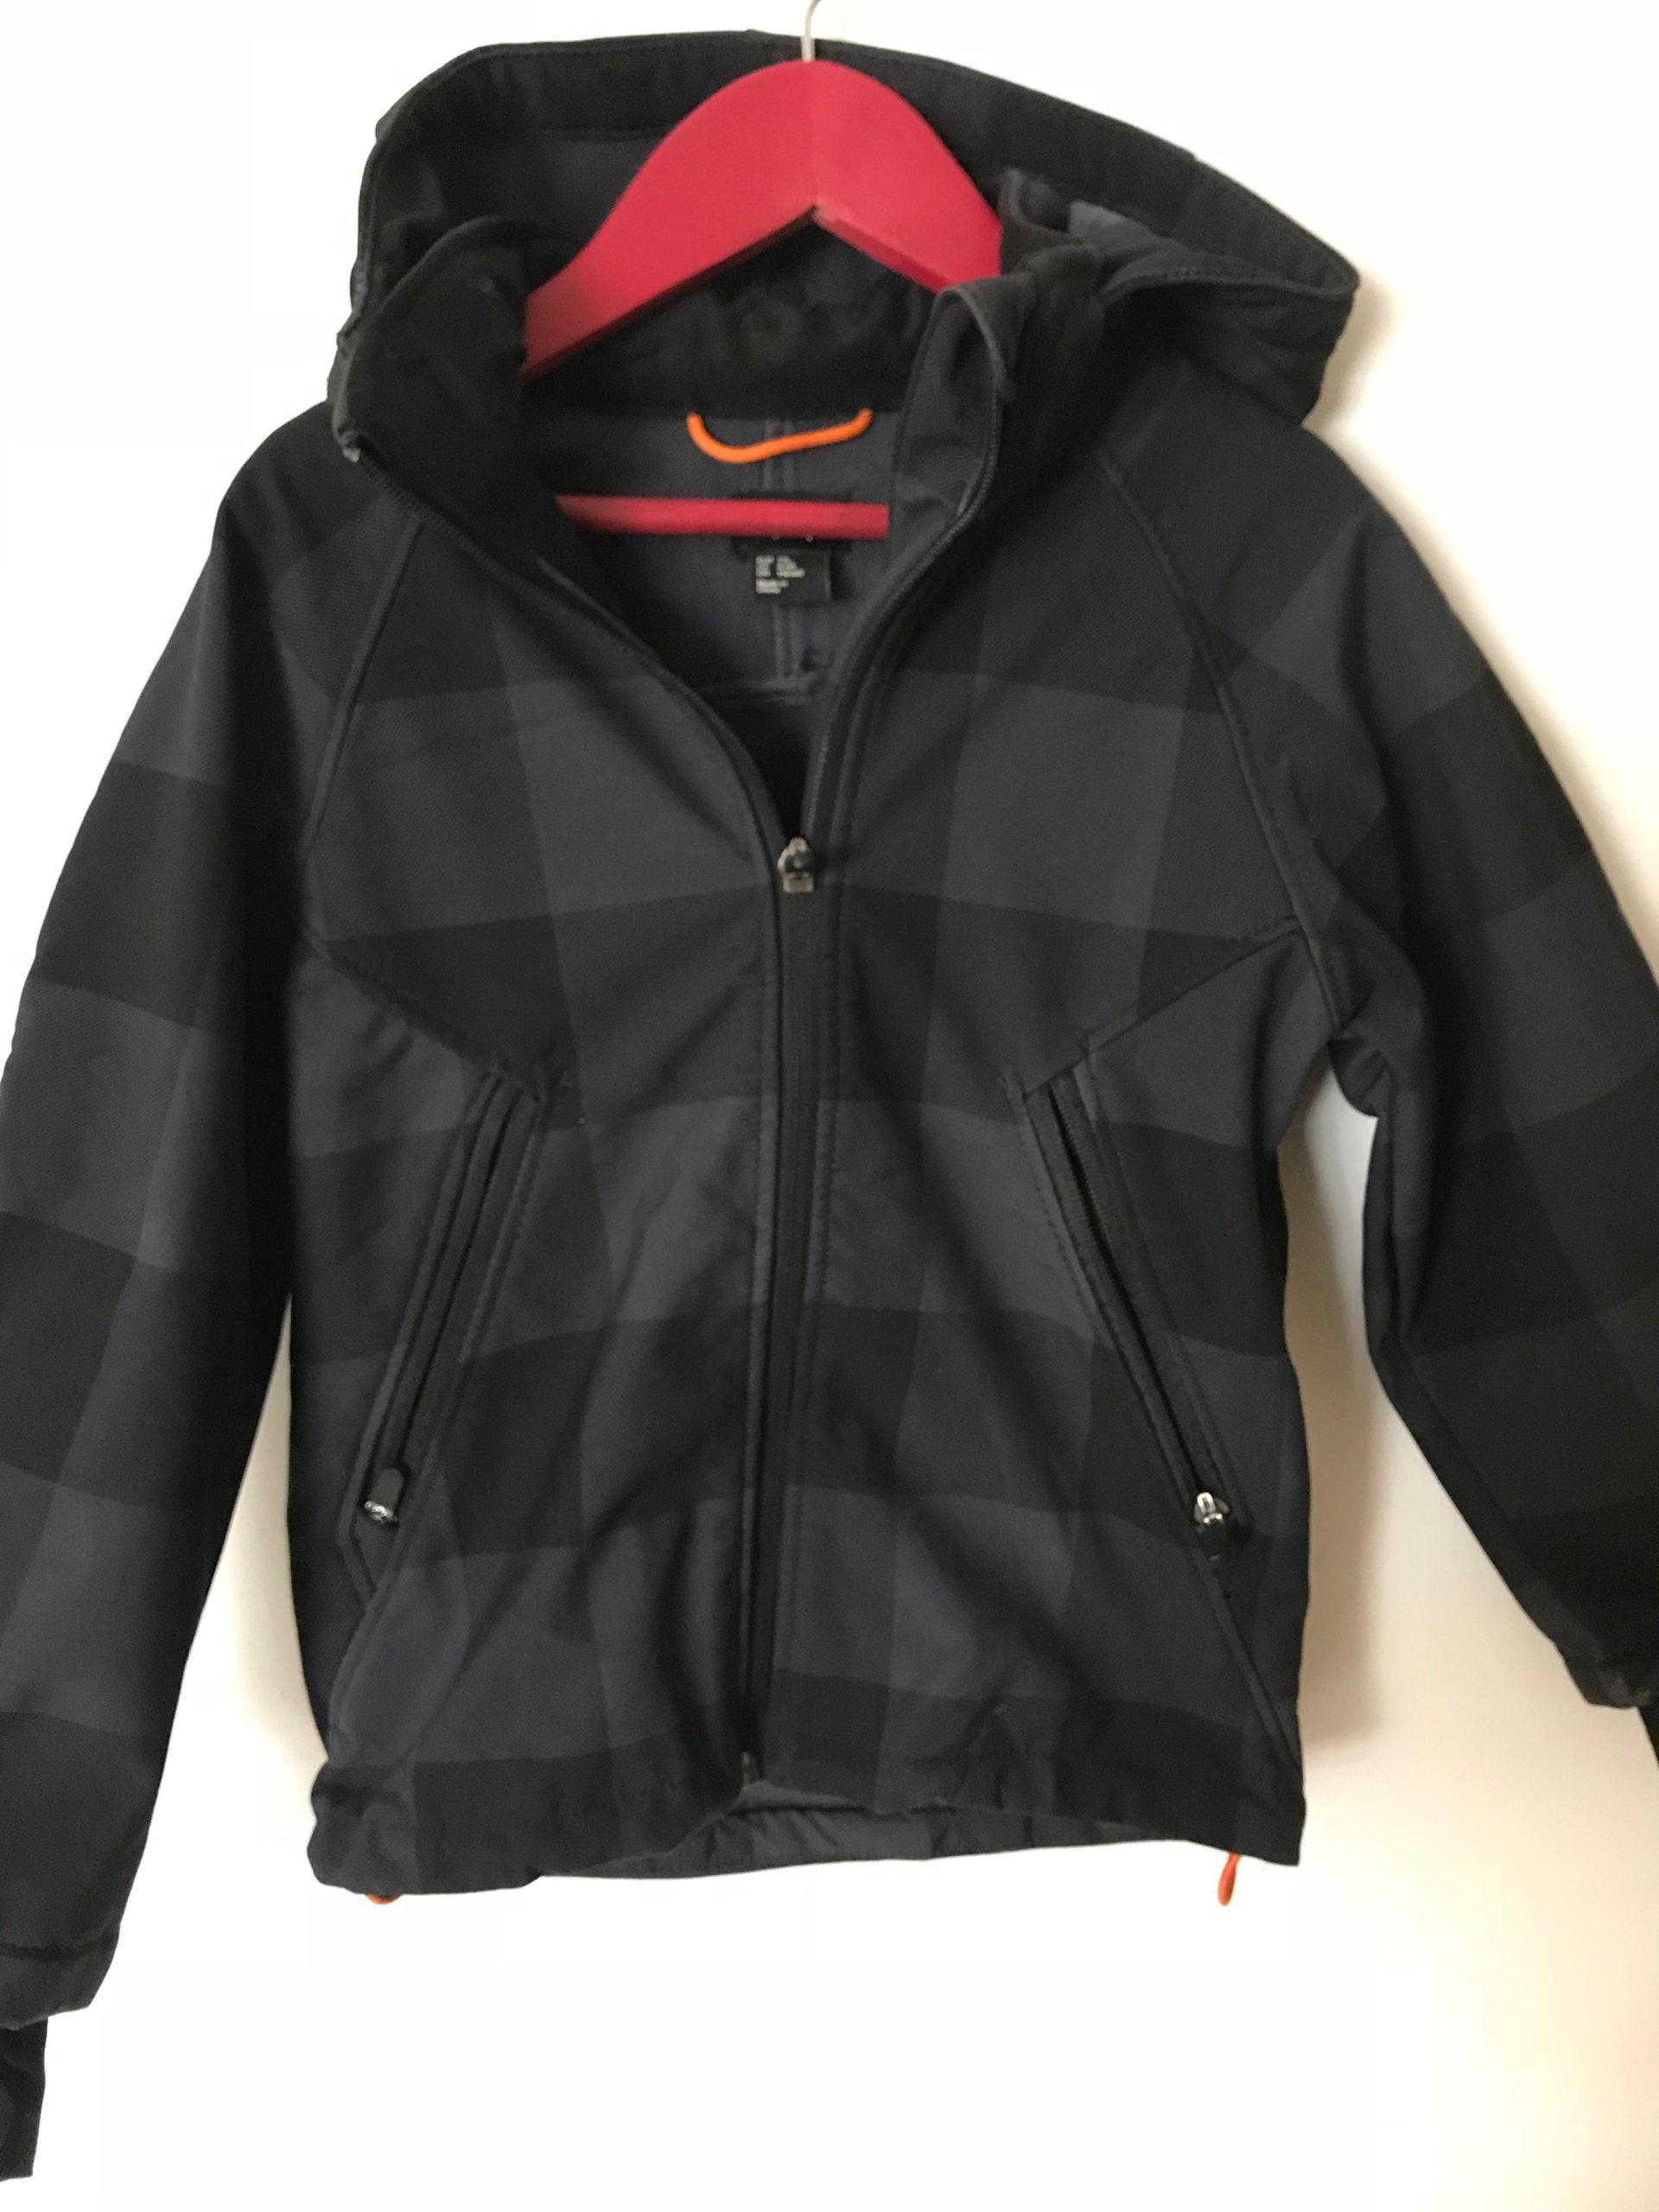 e9aa00cfc1994 H&M KURTKA SOFTSHELL CHŁOPIĘCA ROZM - 7317899621 - oficjalne ...